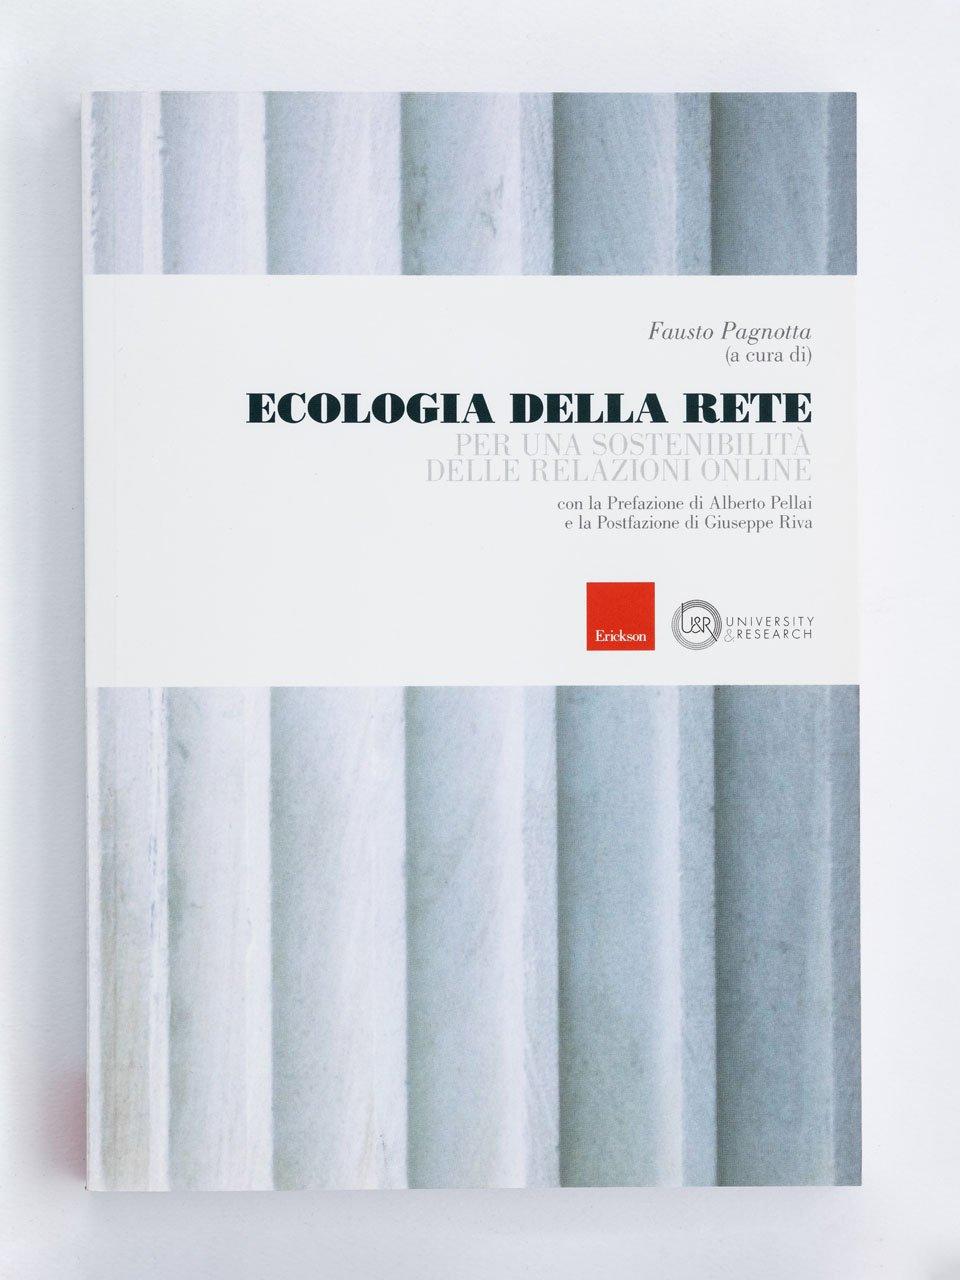 Ecologia della Rete - Informatica facile - Volume 2 - Libri - Erickson